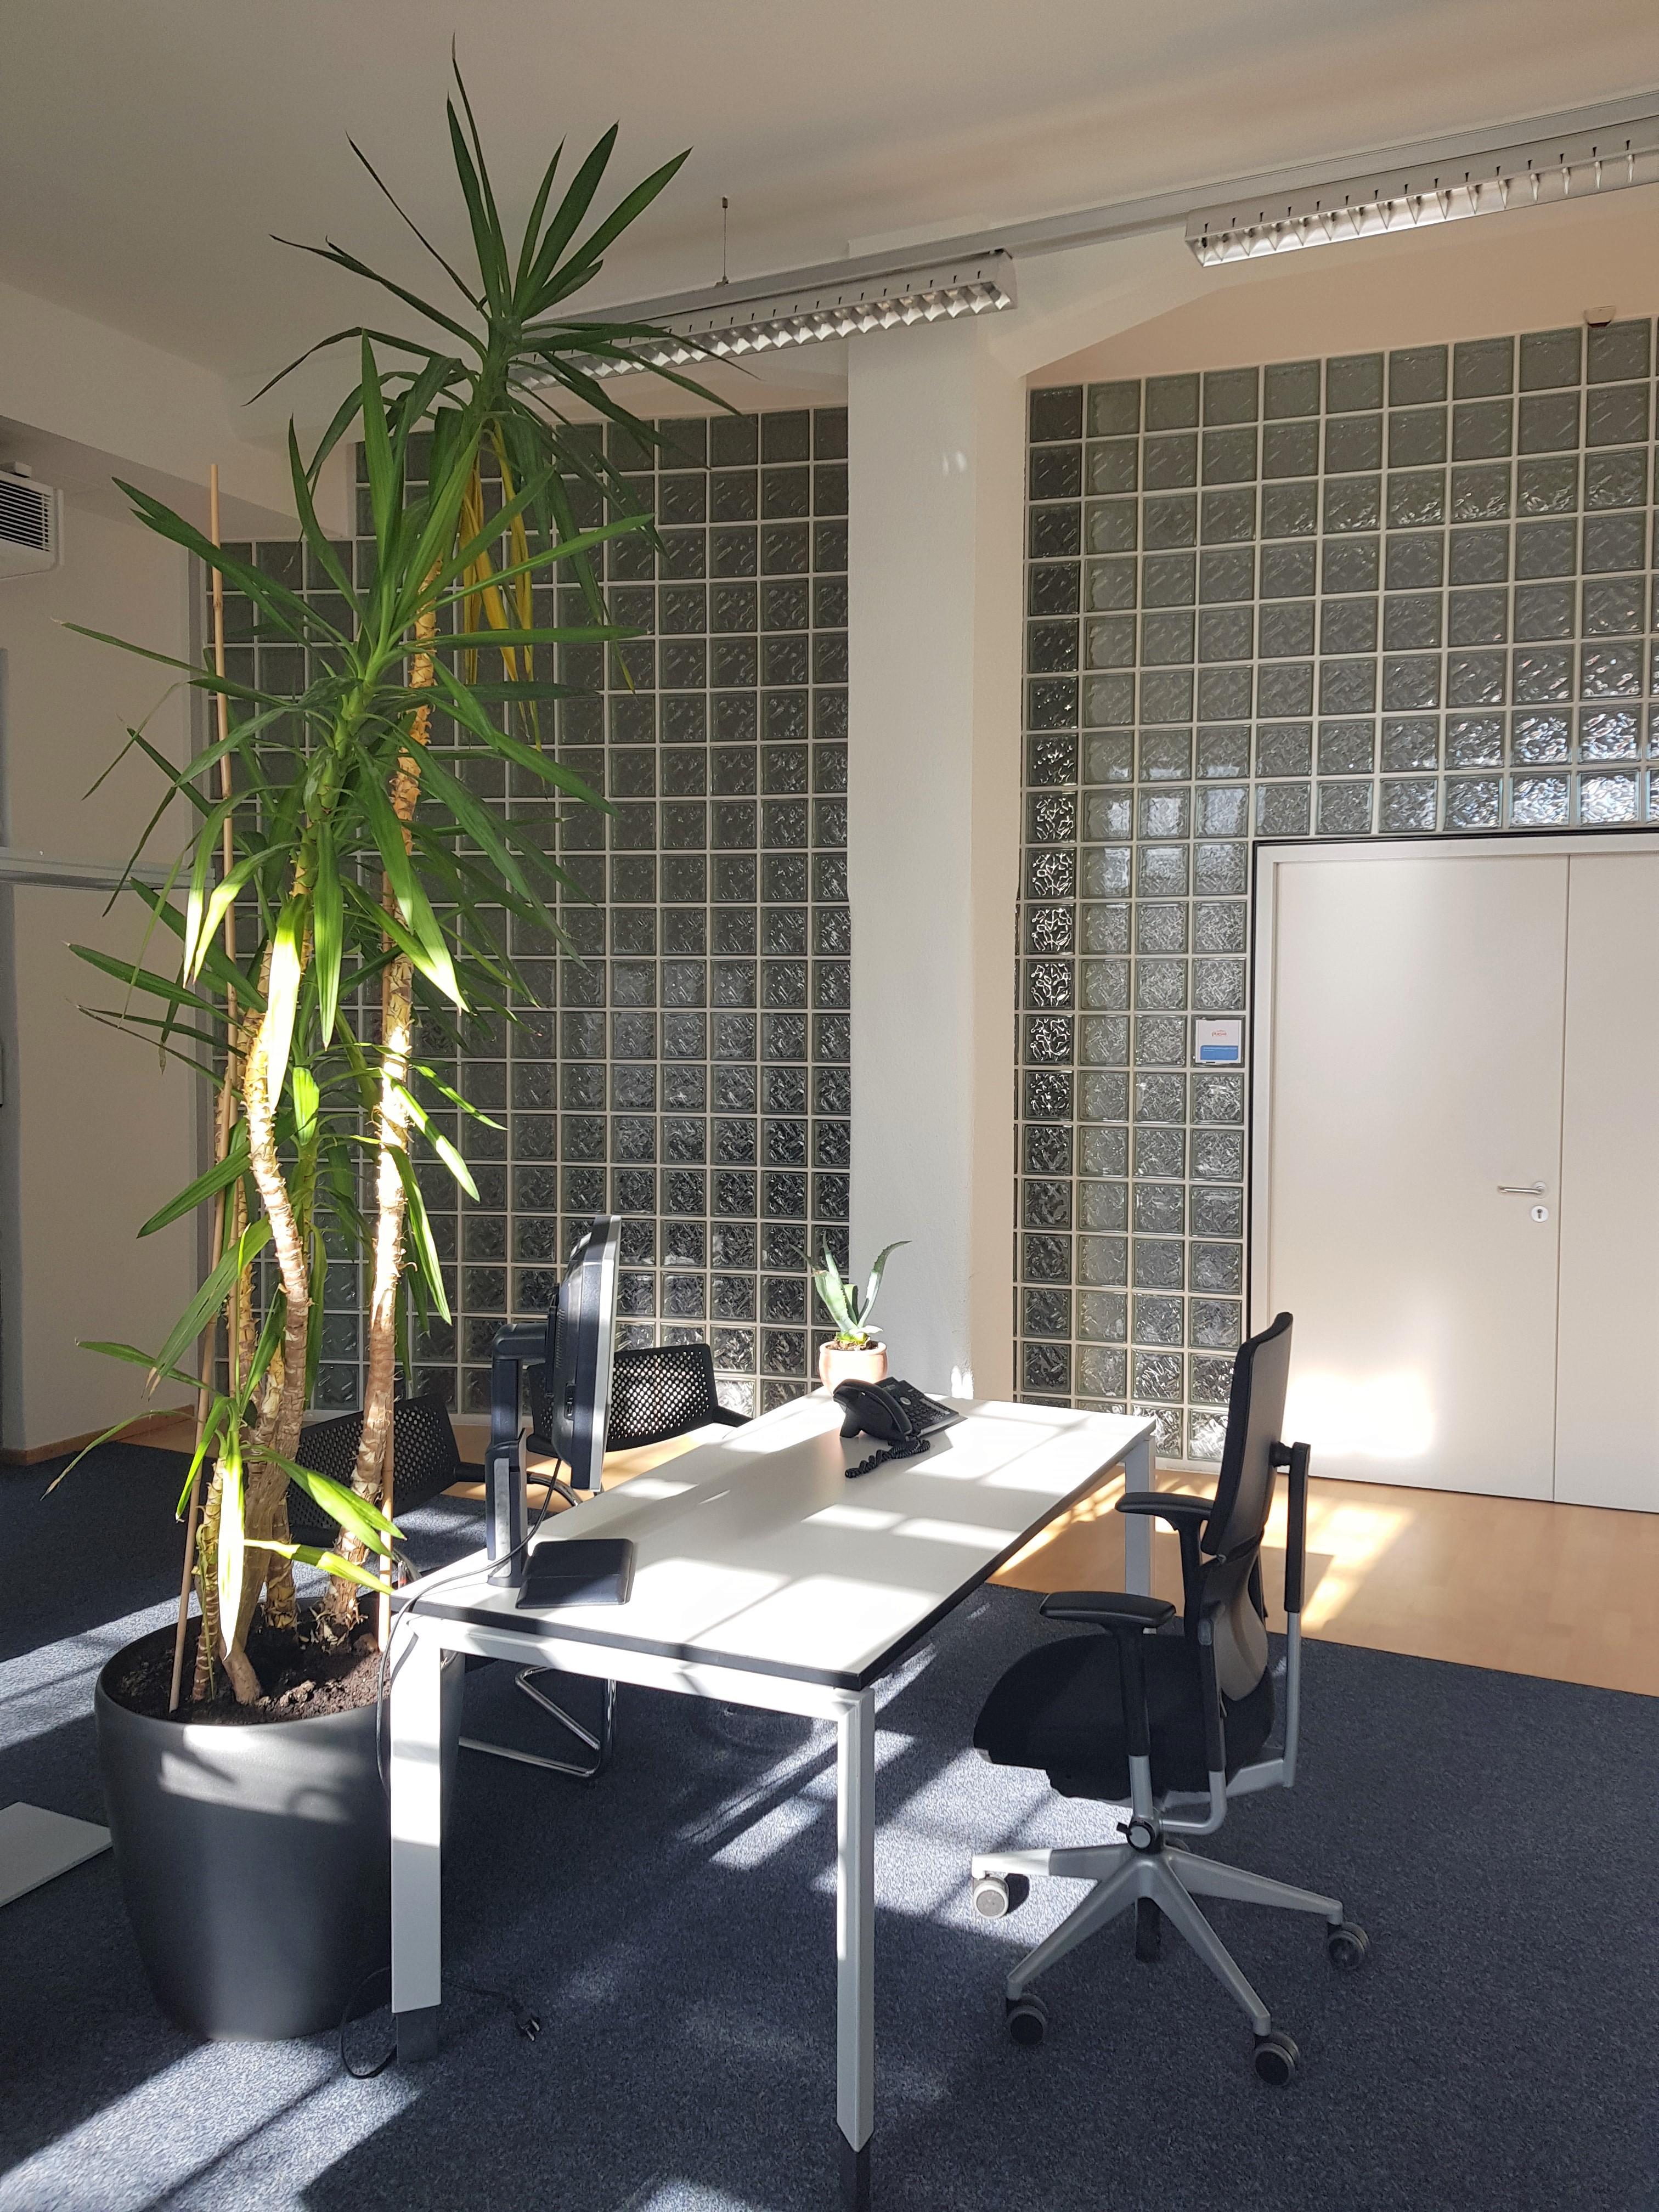 co-working flexible desk bizzcenter Weil